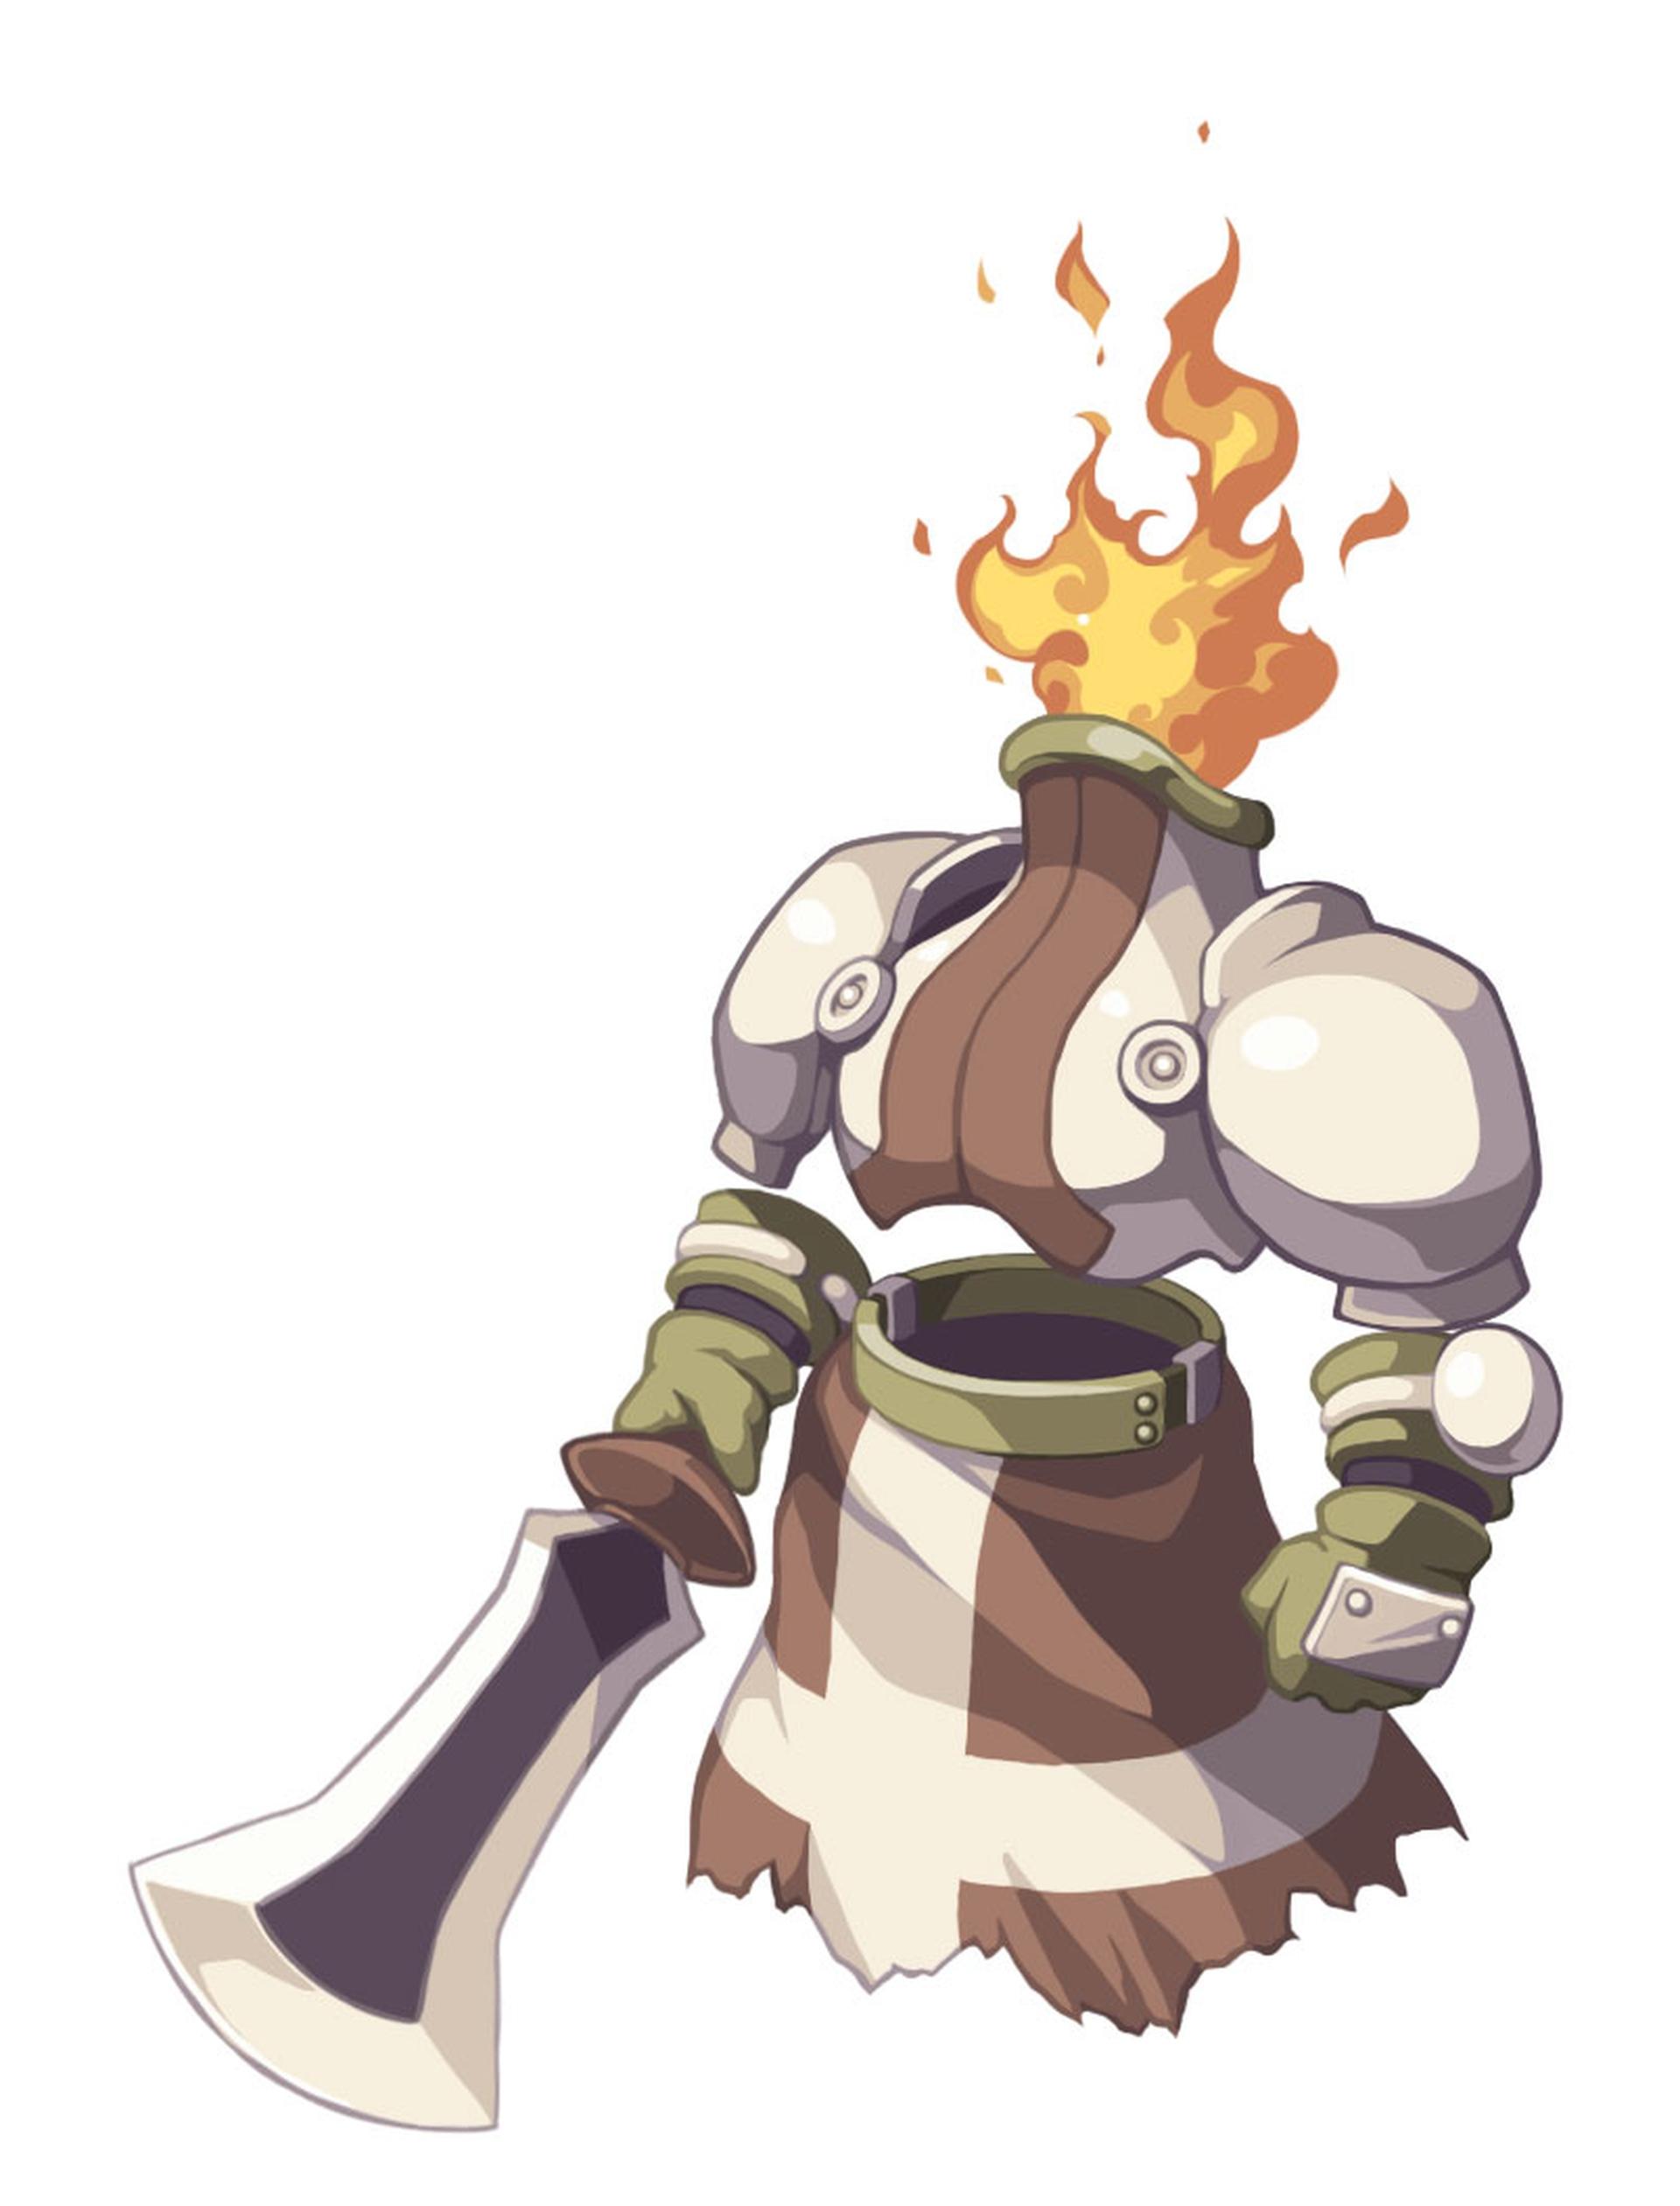 攻撃力が高く、接近戦を得意とする。右手に持った剣で敵を地面に叩きつけたり、一撃で「みじん斬り」にしたり、と派手な技が特徴的